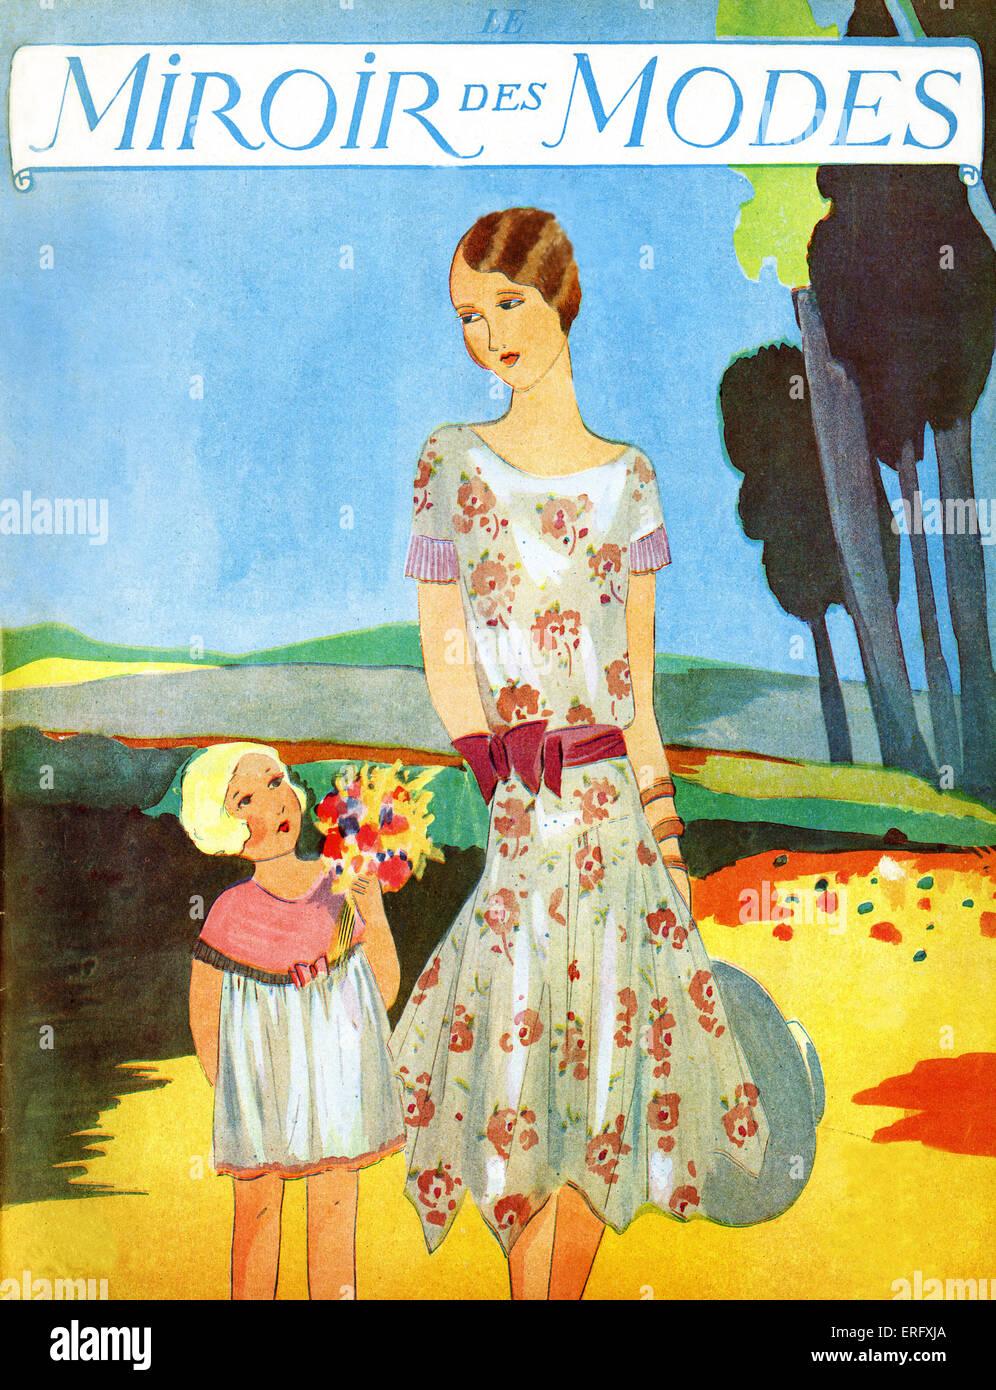 Le Miroir des modes d'avril 1928 magazine de mode. Mère avec chapeau et de l'enfant avec bouquet de Photo Stock